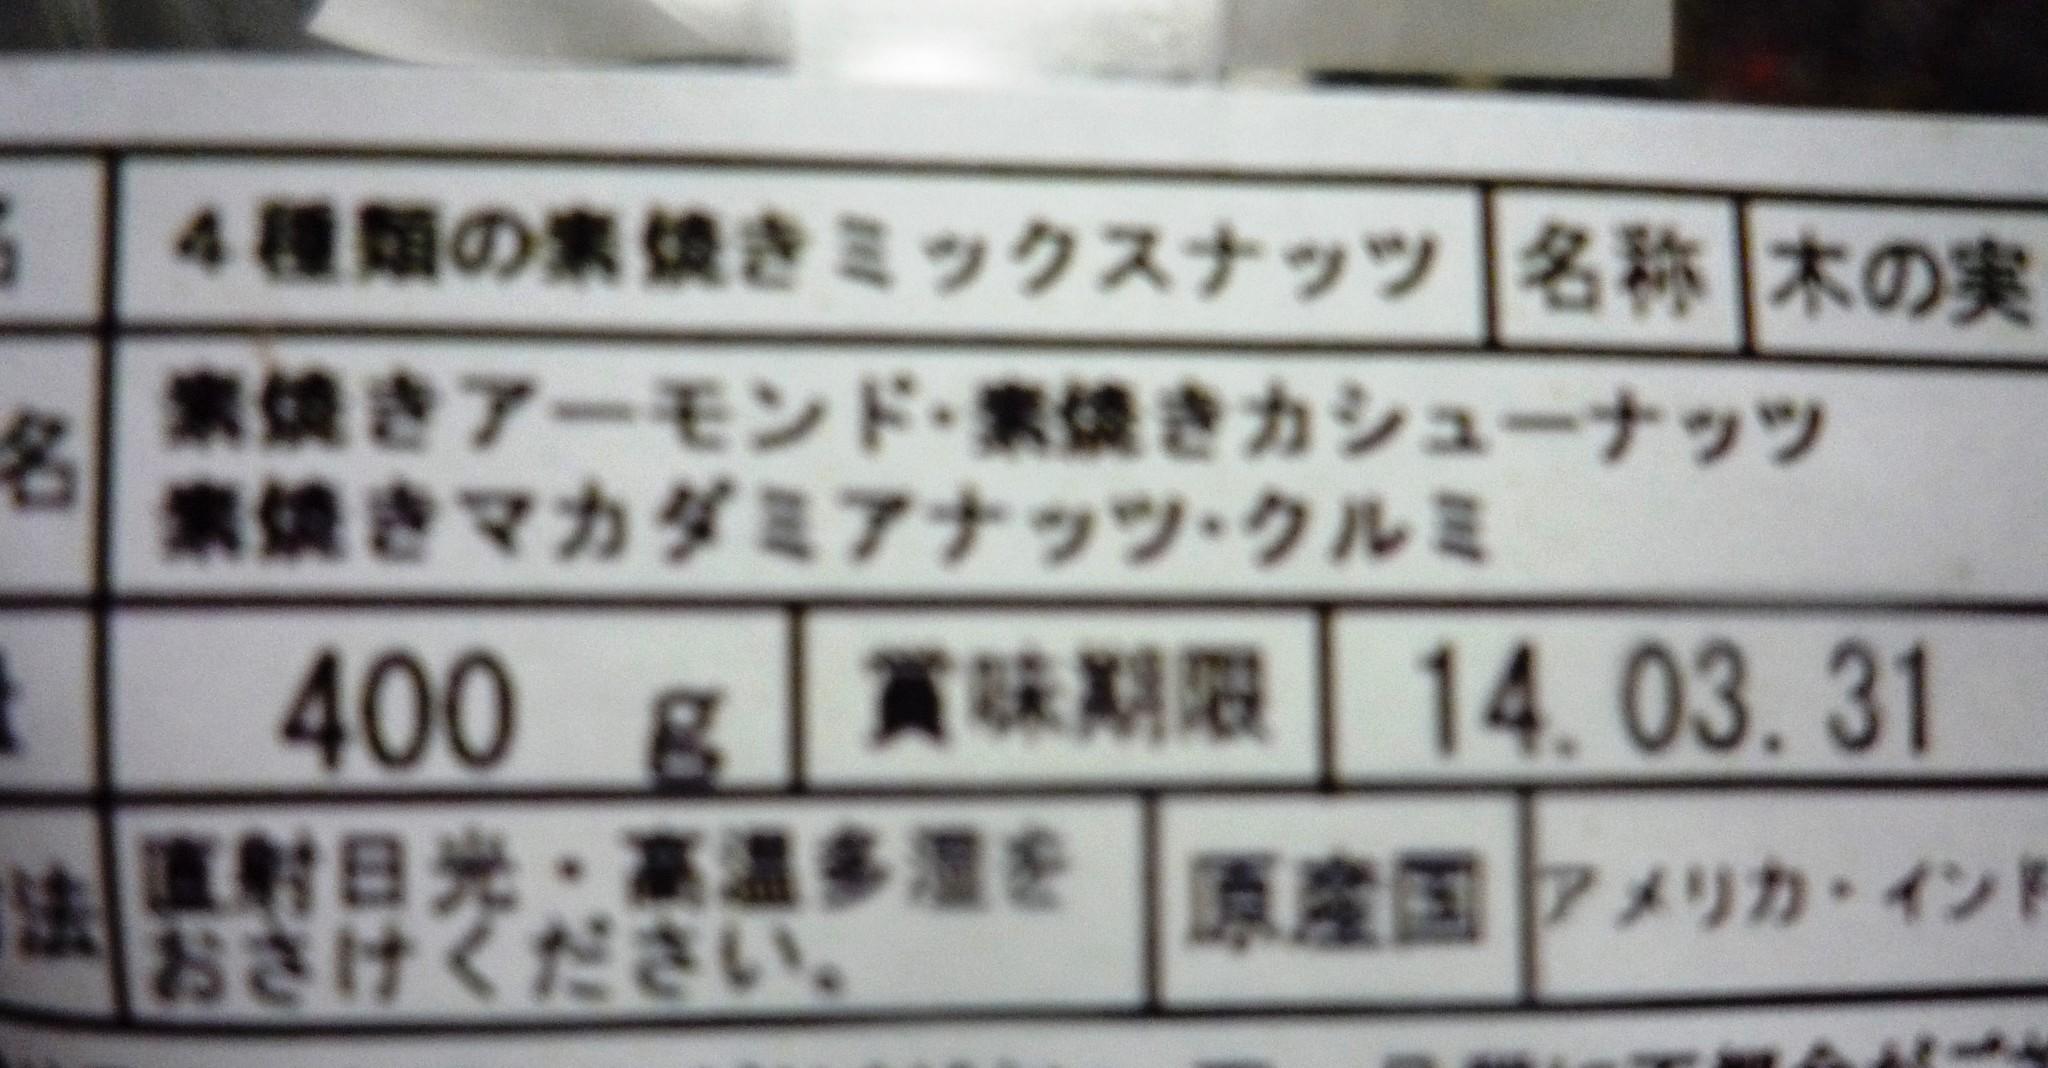 江戸屋 ナッツ2